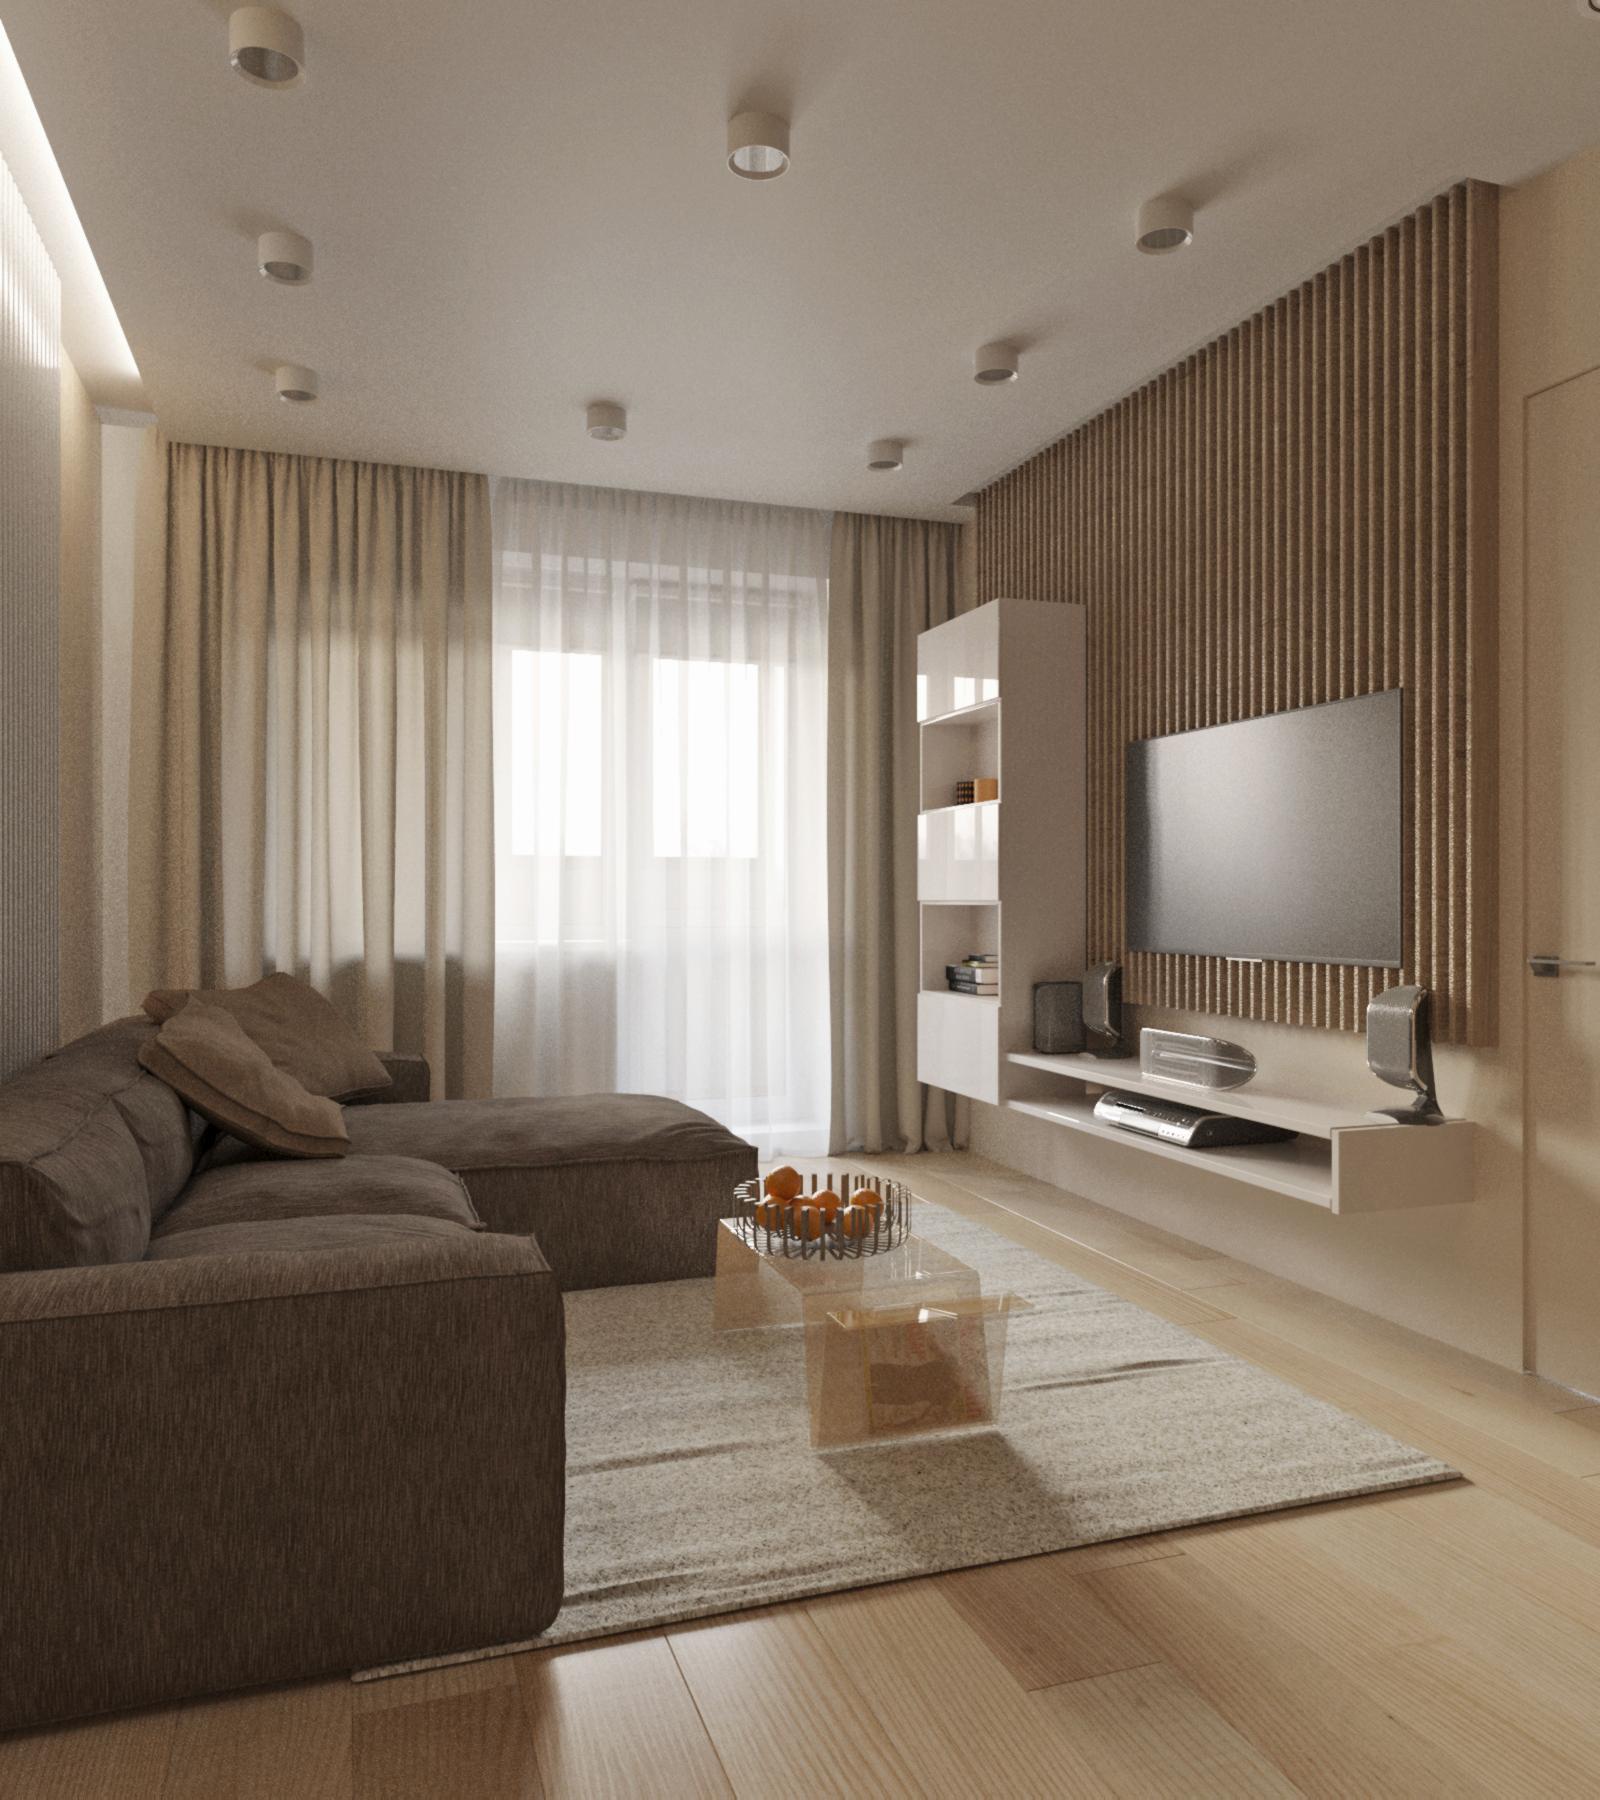 предоставим дизайн гостиной в квартире фото реальные выхода